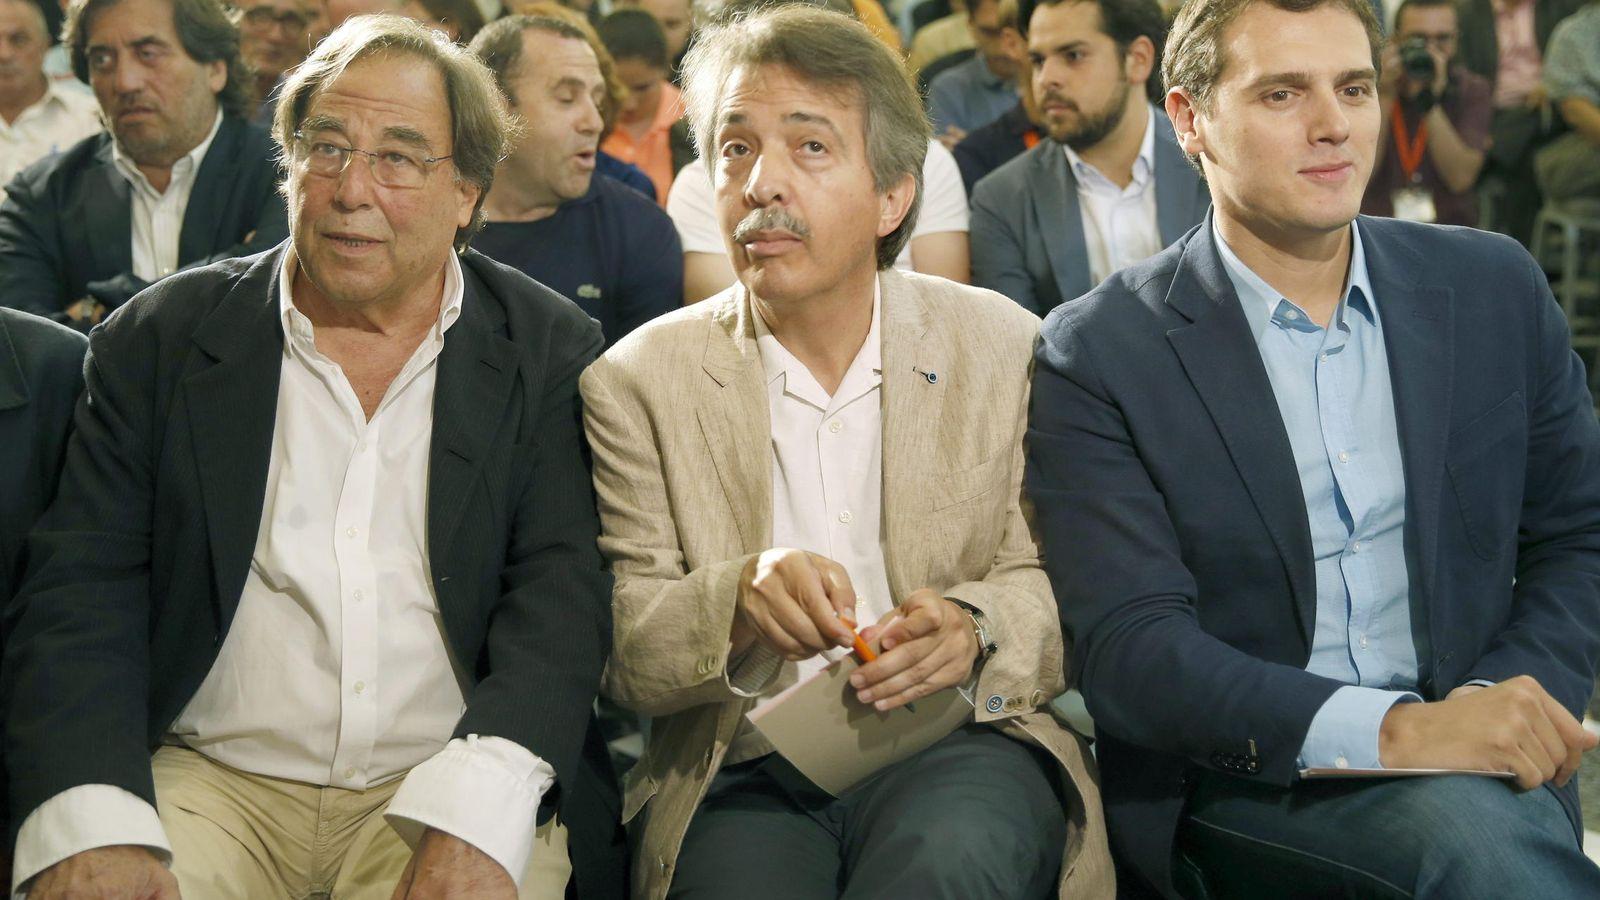 Foto: Francesc de Carreras (i), inspirador de Ciudadanos, se encuentra entre los señalados por la 'lista negra'. (EFE)